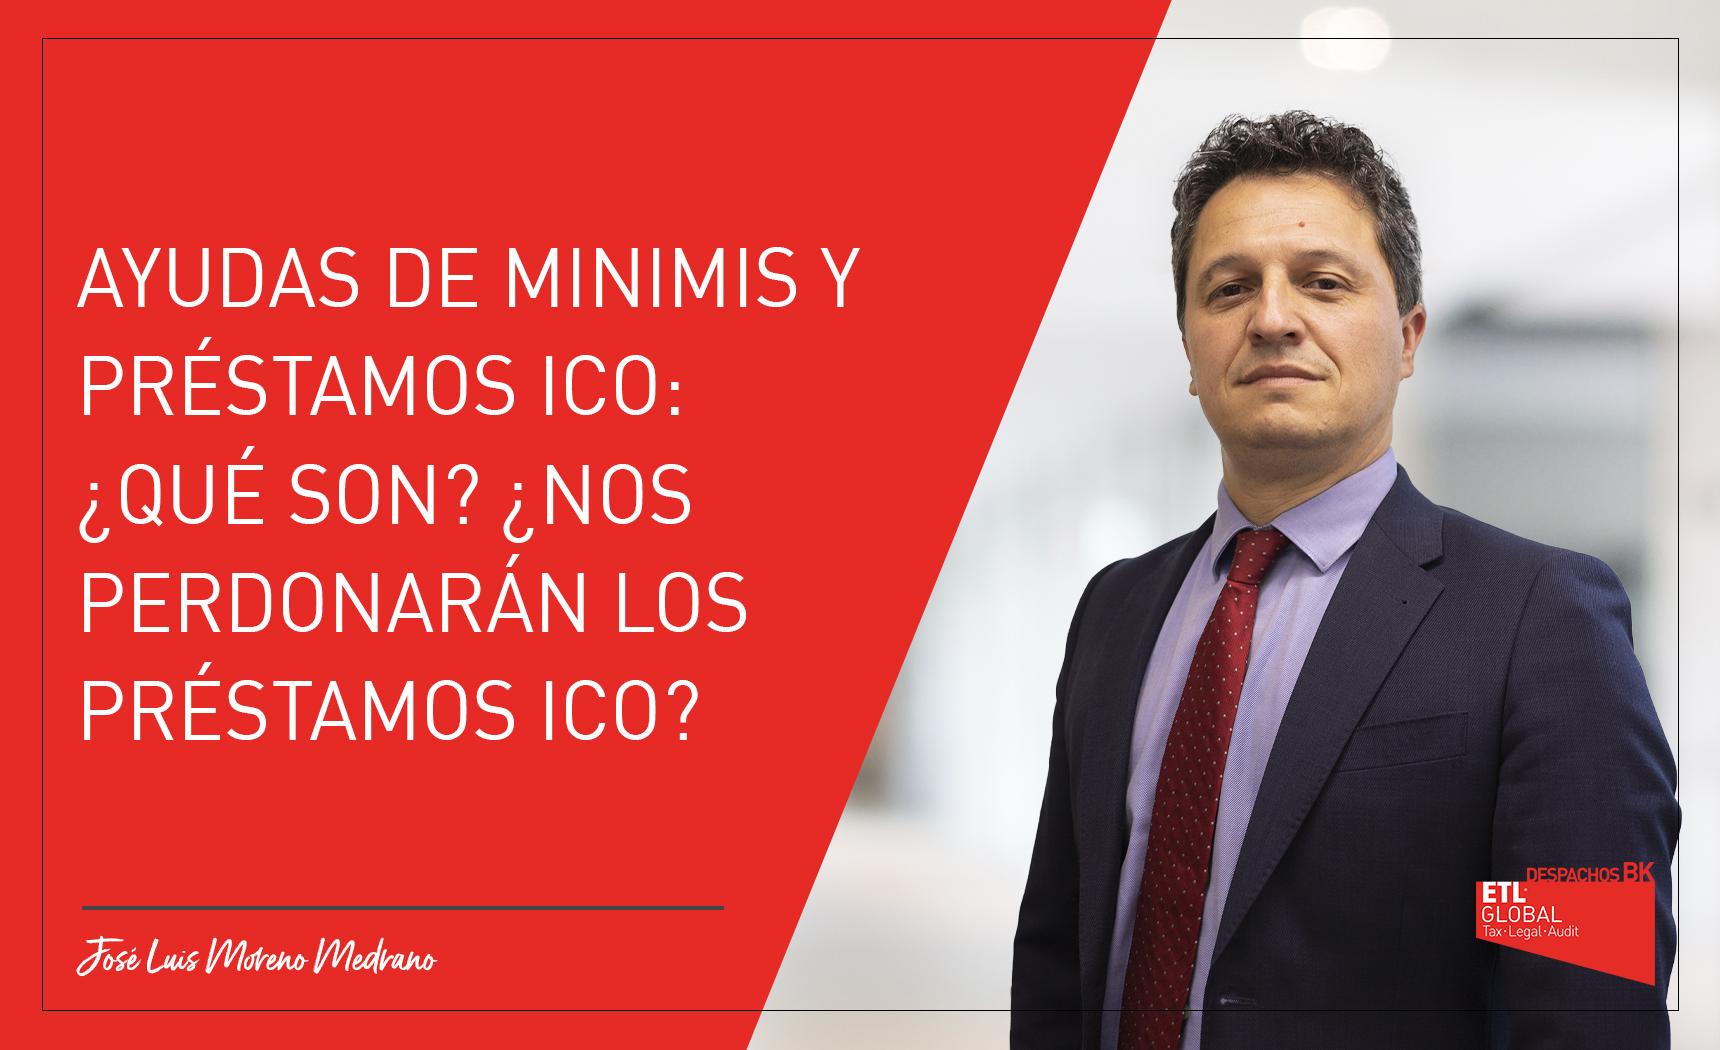 Jose Luis Moreno Medrano - préstamos ICO y ayudas de minimis